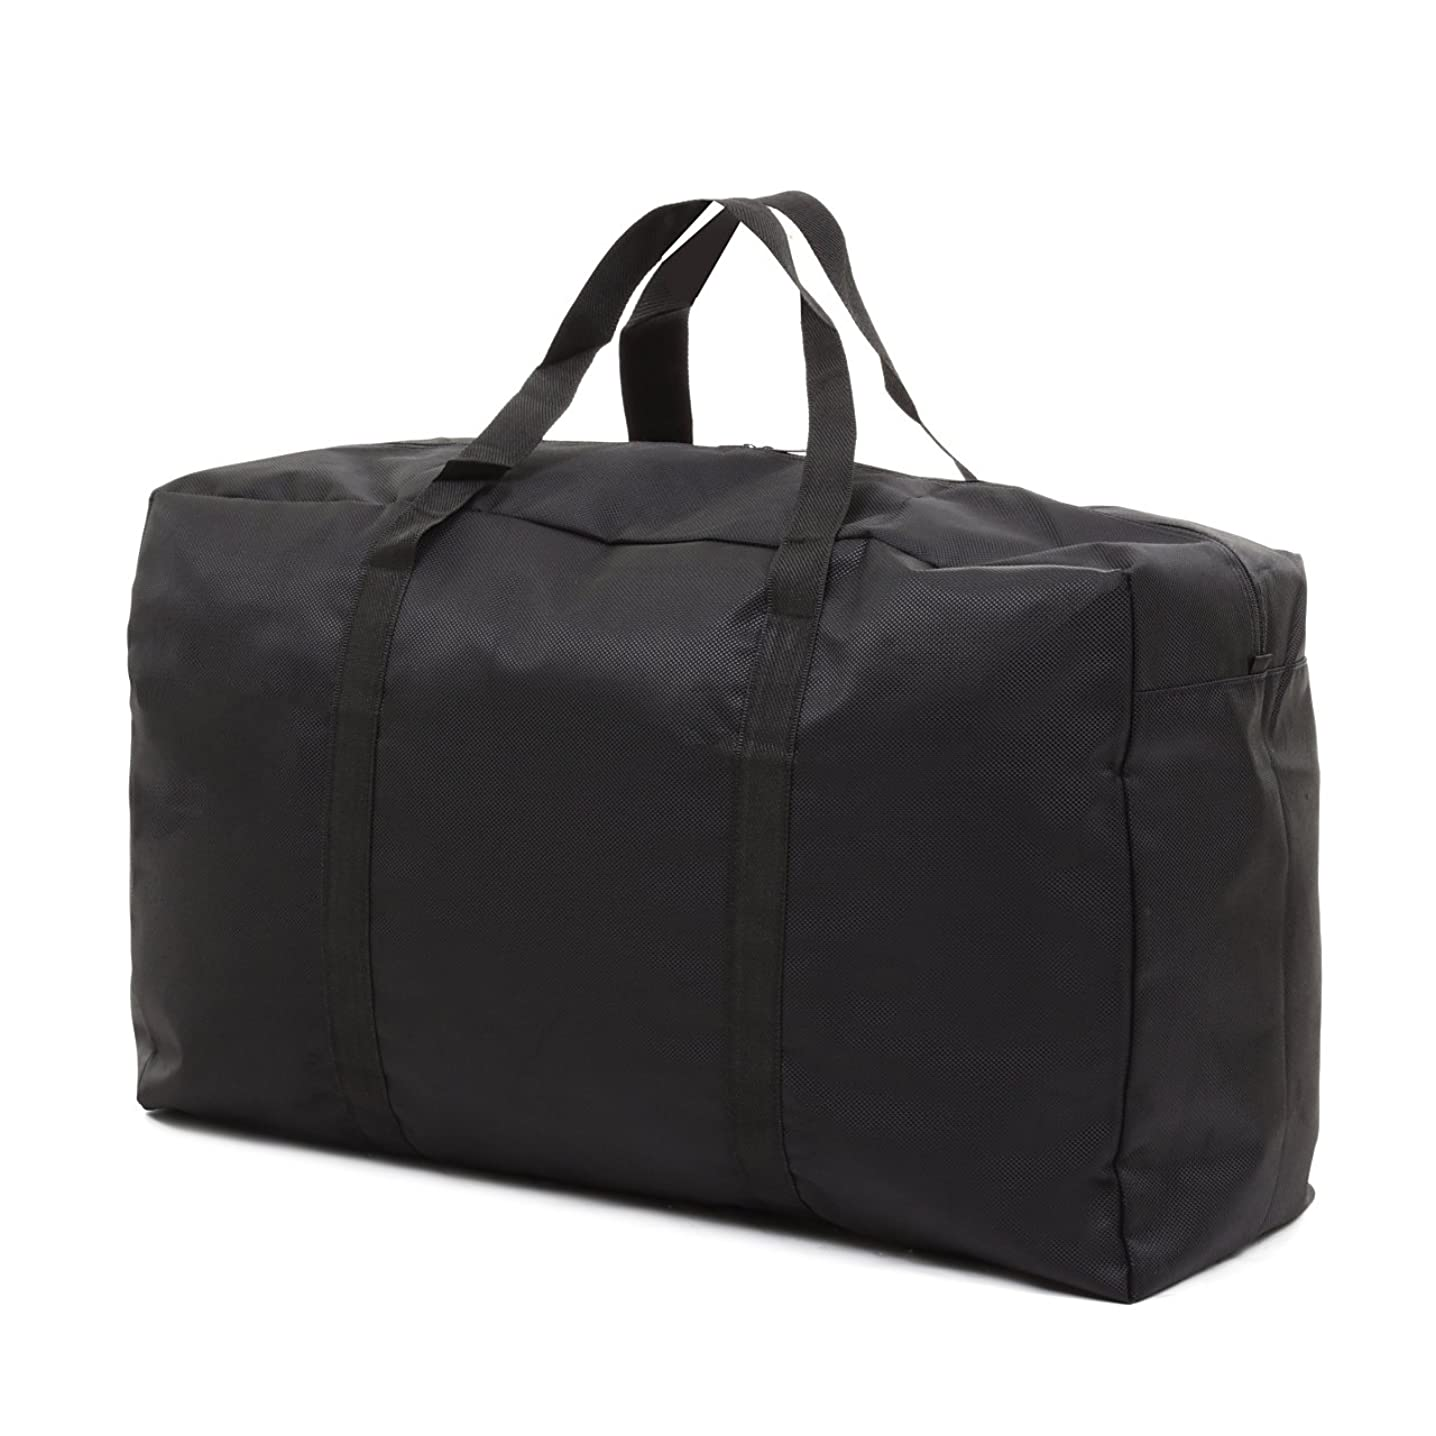 ワンダー冷笑するオペラ[excerly] キャリーオンバッグ 折りたたみ 軽量 トラベルバッグ 旅行バッグ